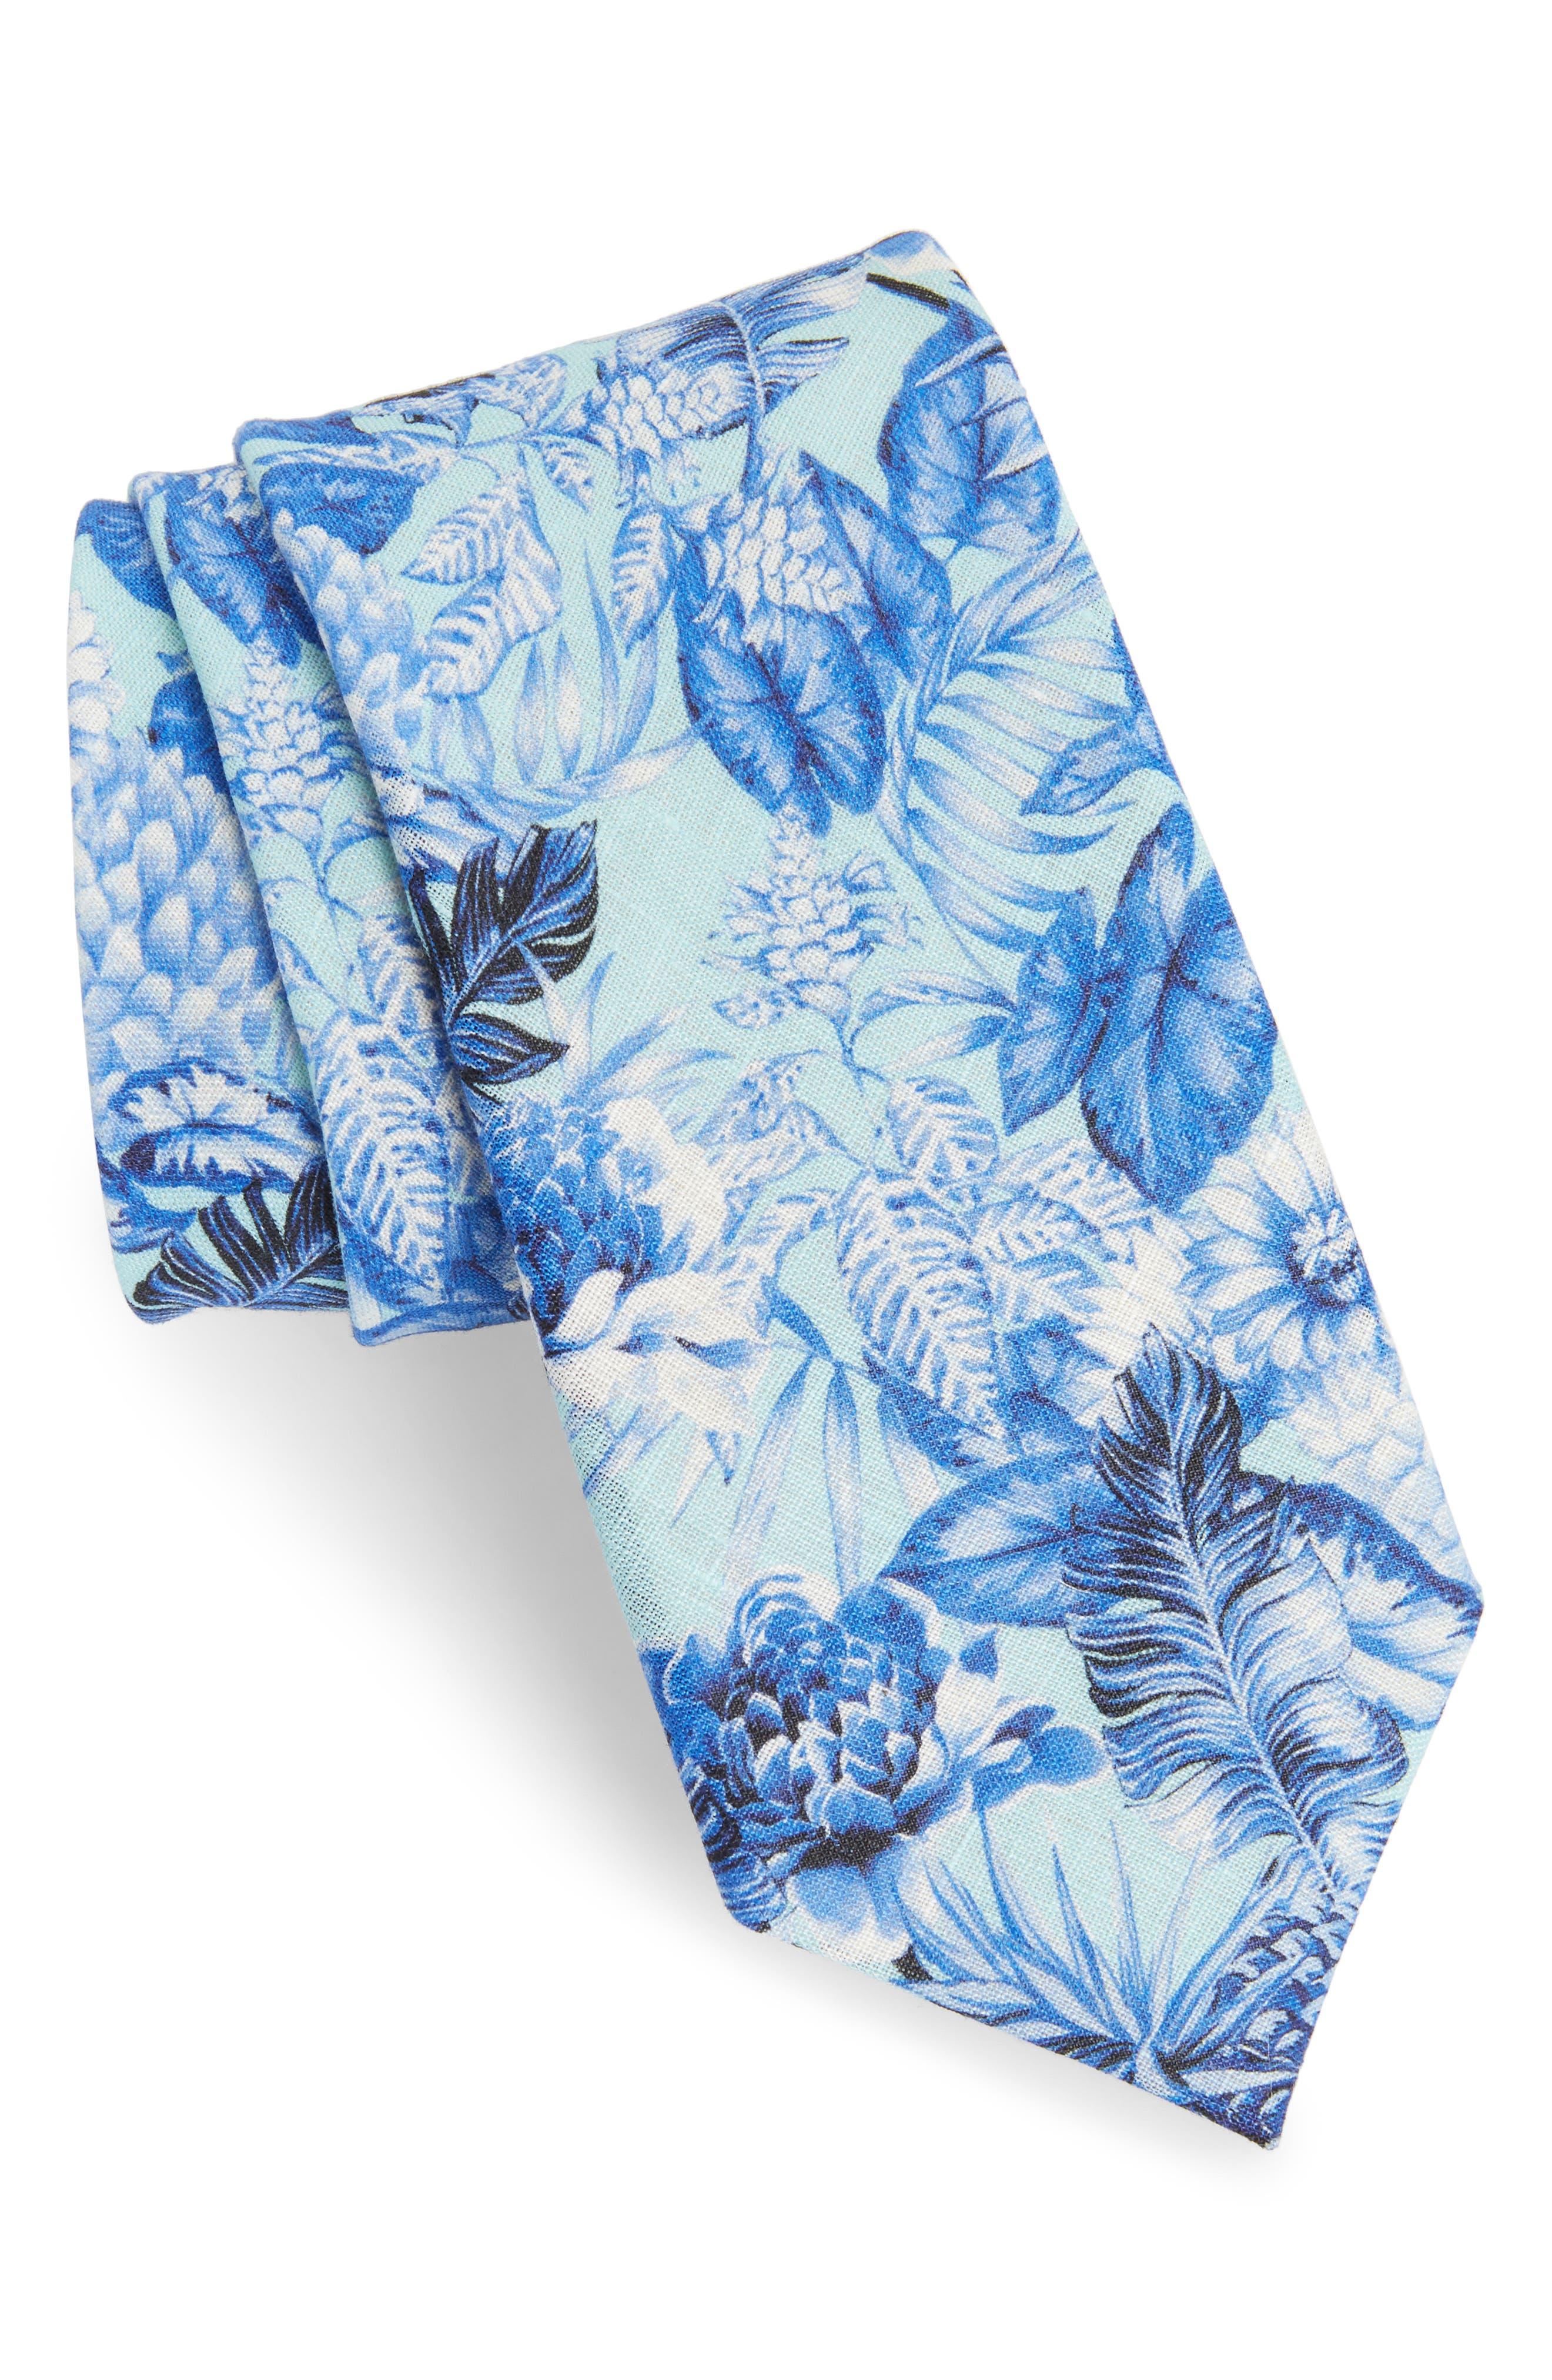 Tropic Fever Linen Tie,                             Main thumbnail 1, color,                             400